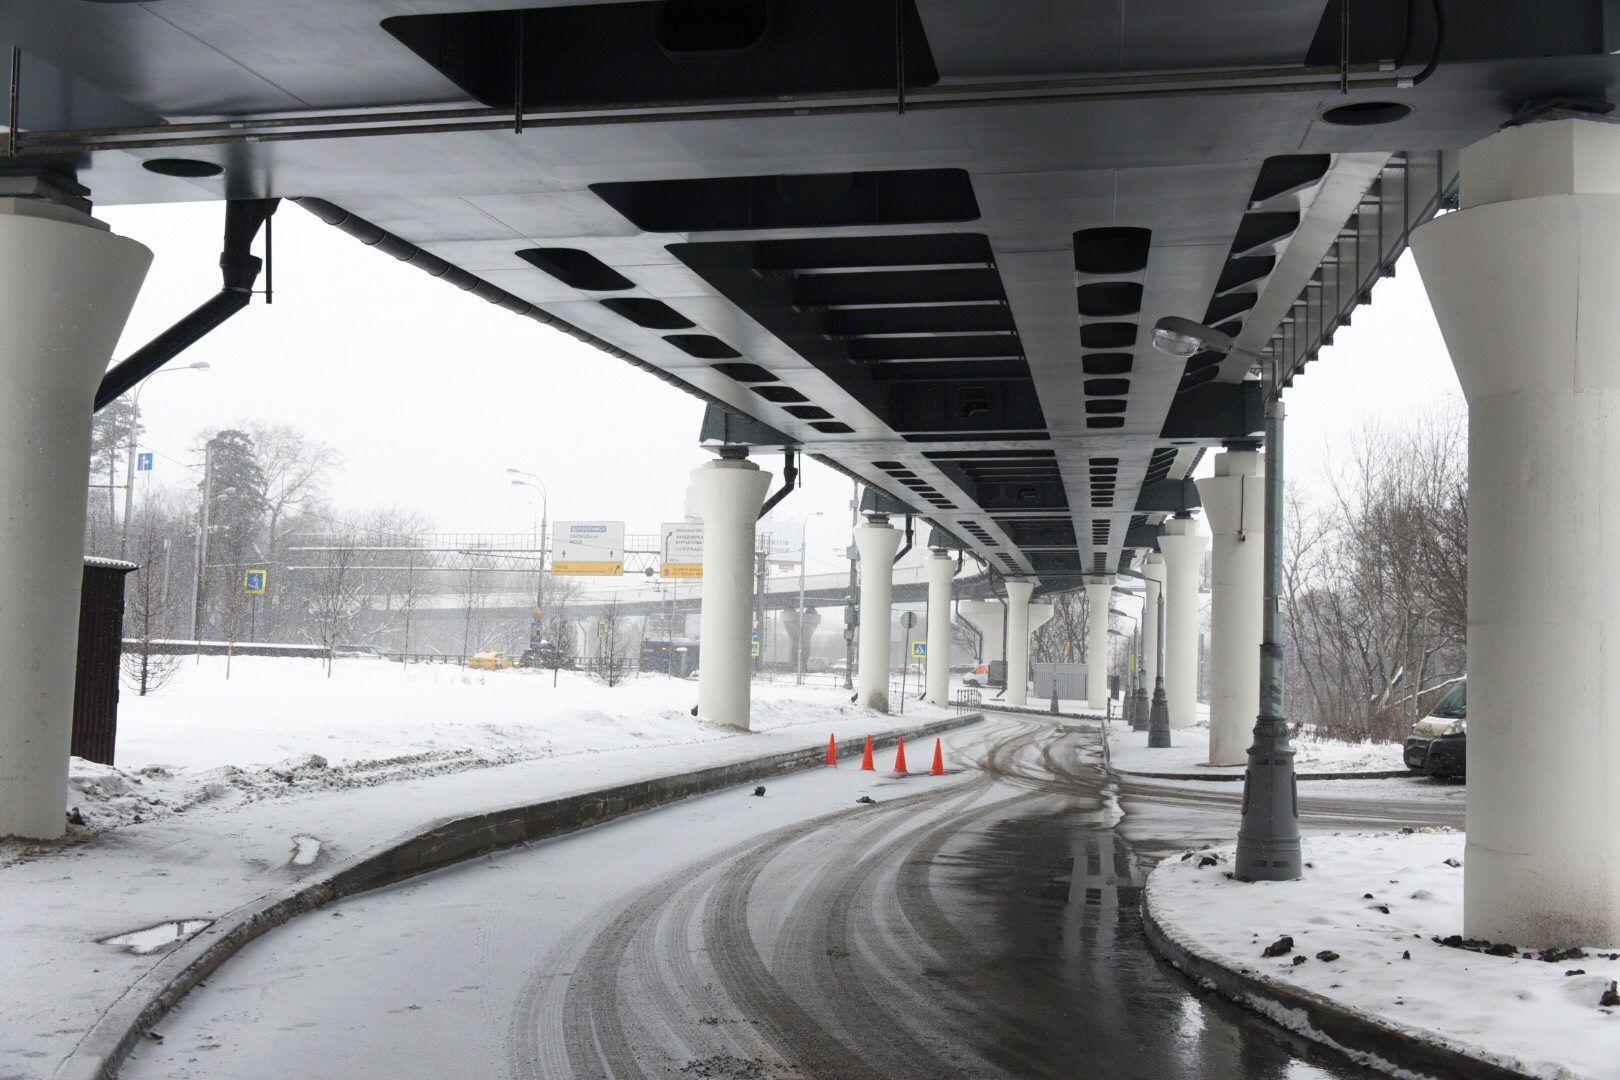 Автотрассу построят в Новой Москве в 2020 году. Фото: Владимир Новиков, «Вечерняя Москва»